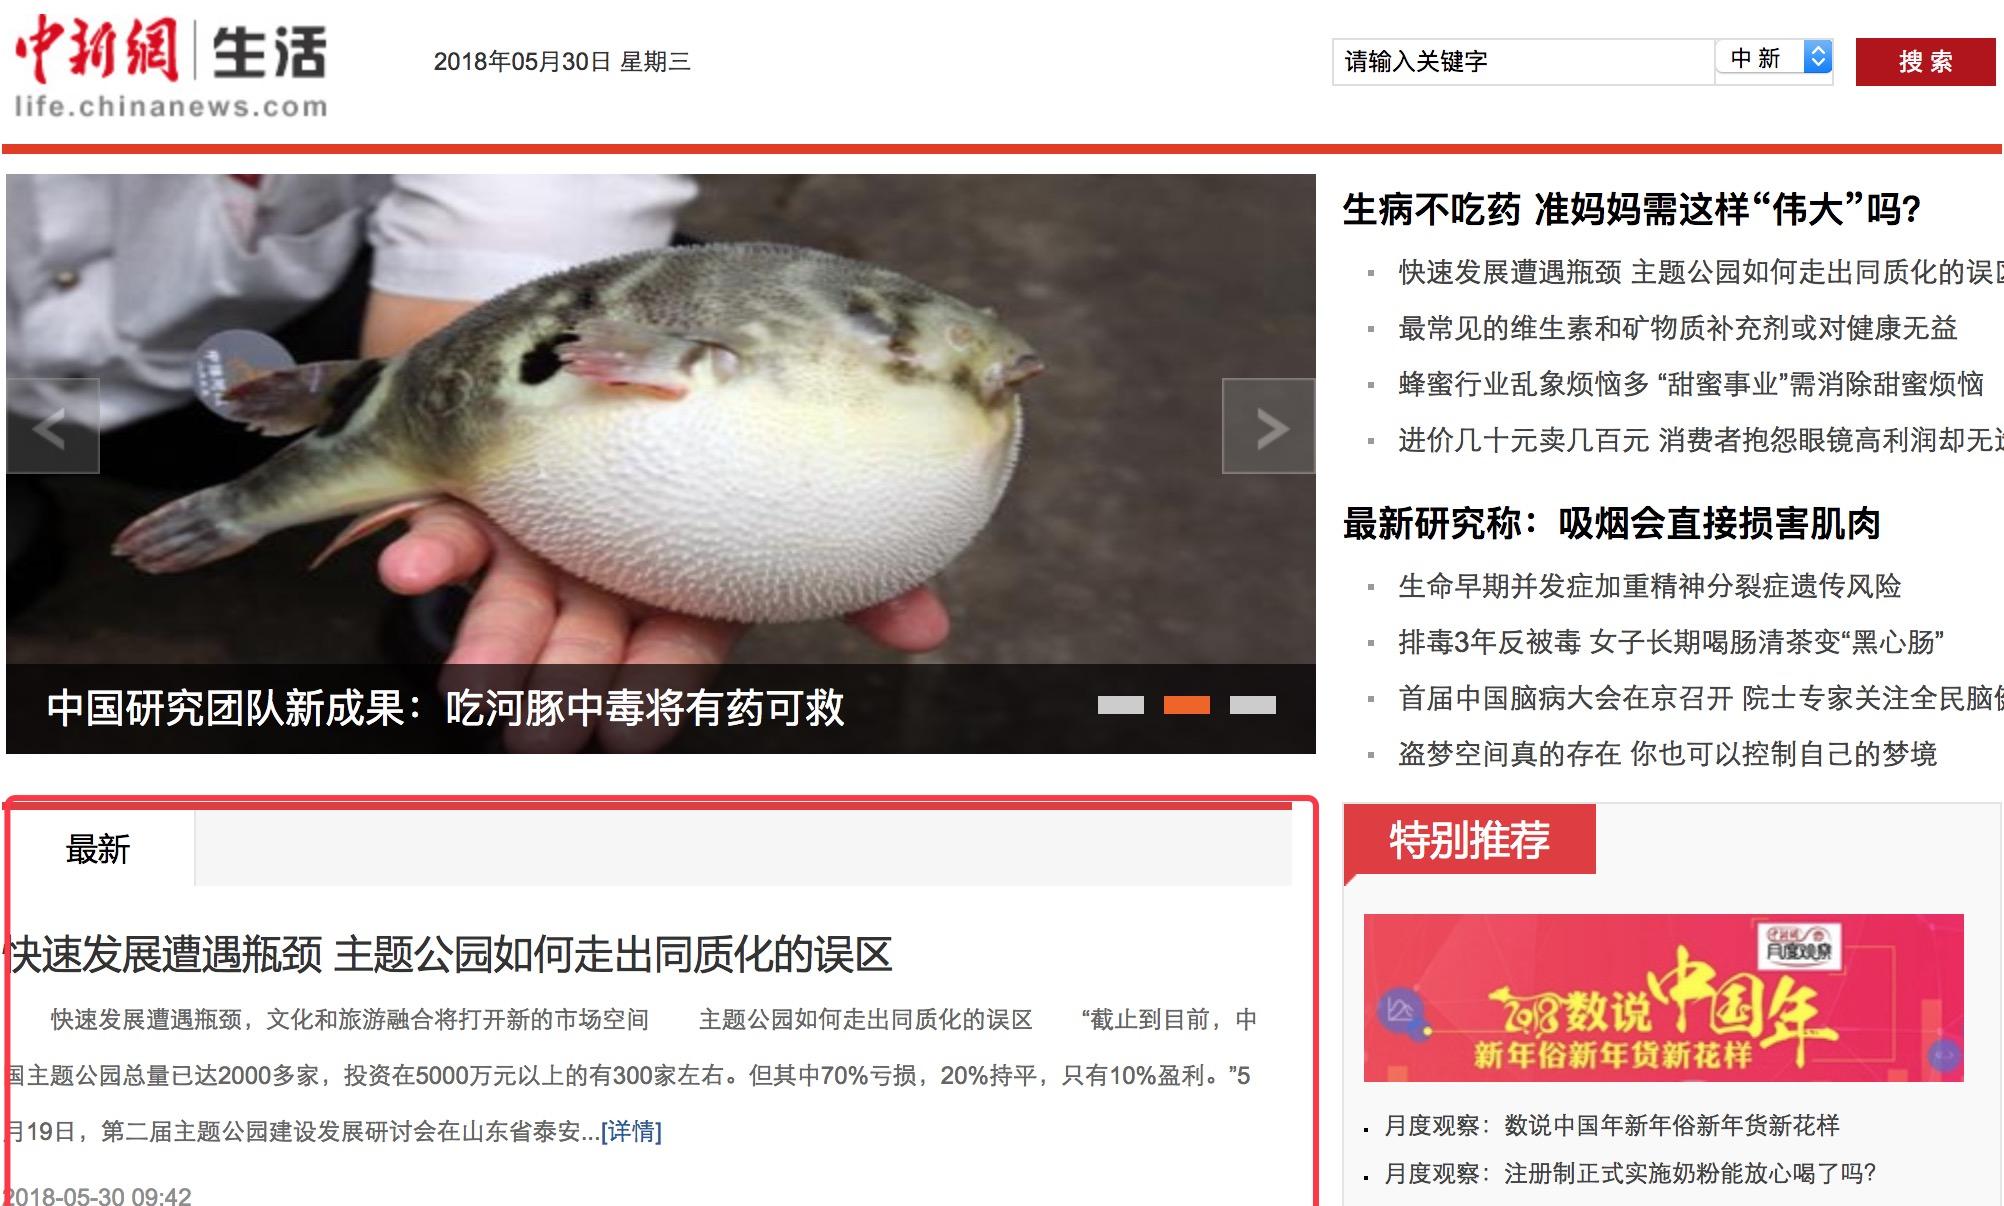 中国新闻网-生活-首页文字链